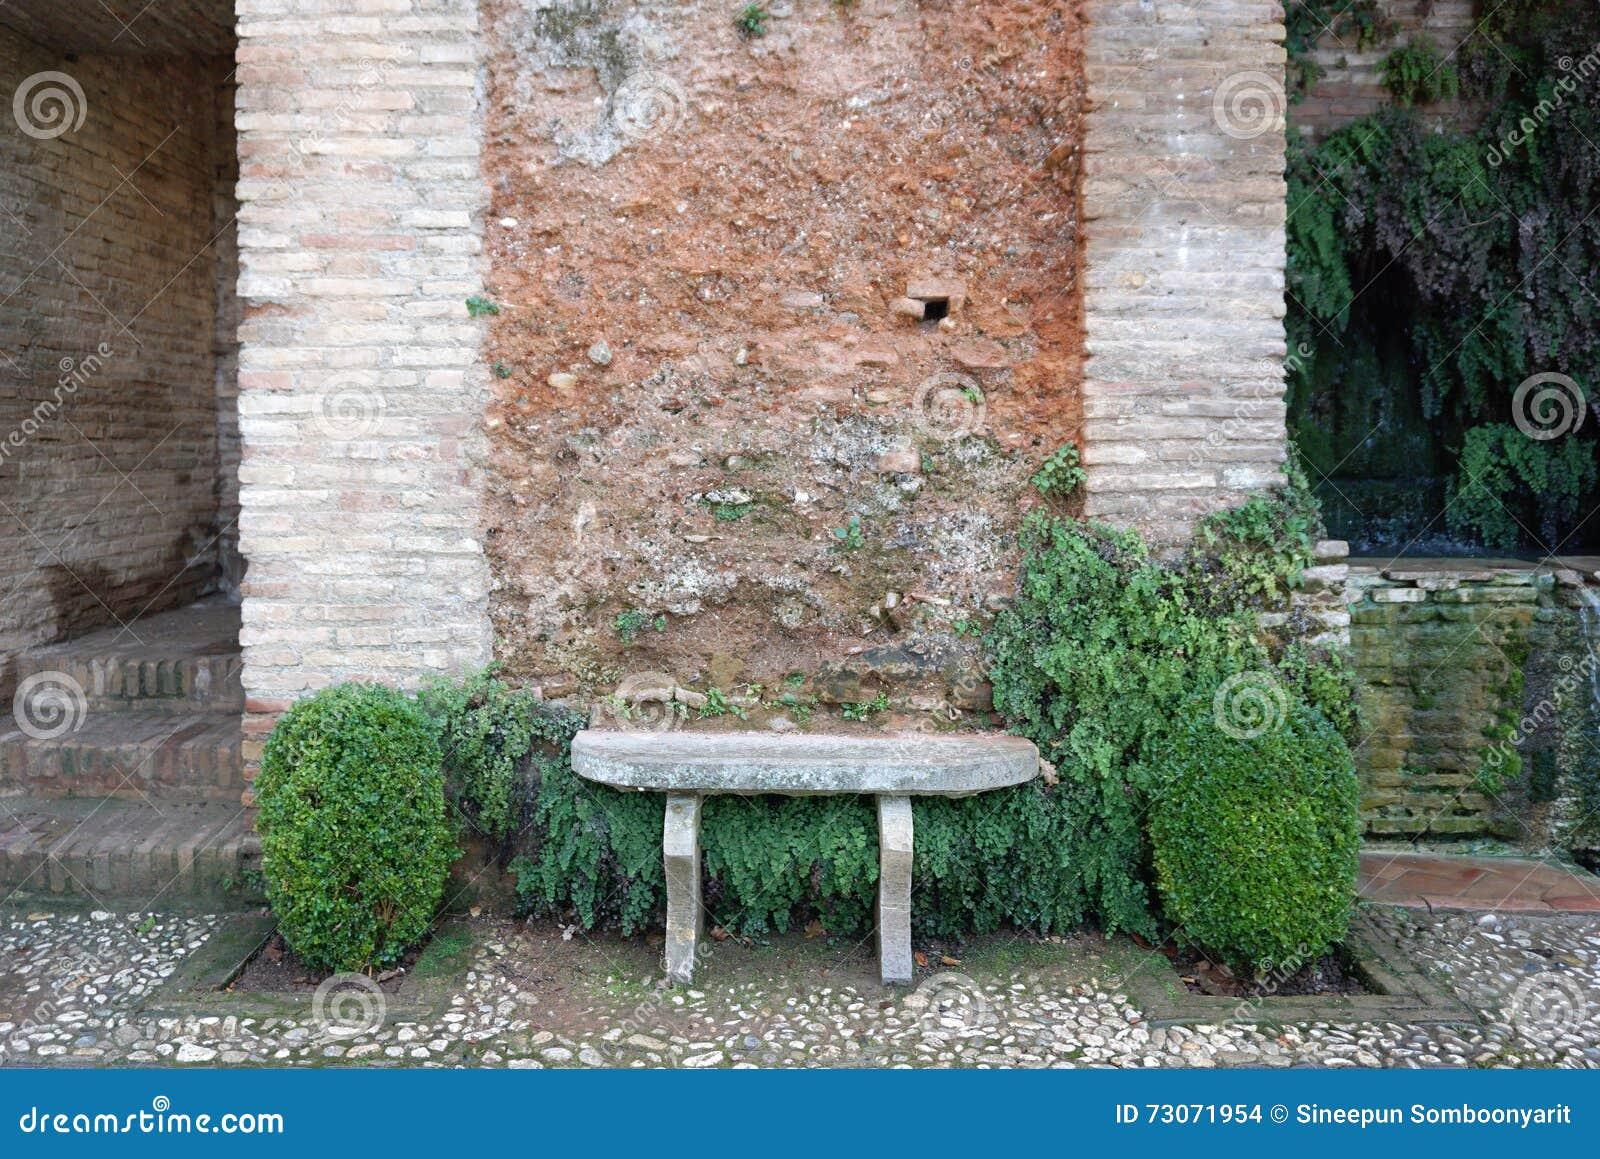 banc en pierre avec le mur de briques rustique photo stock - image